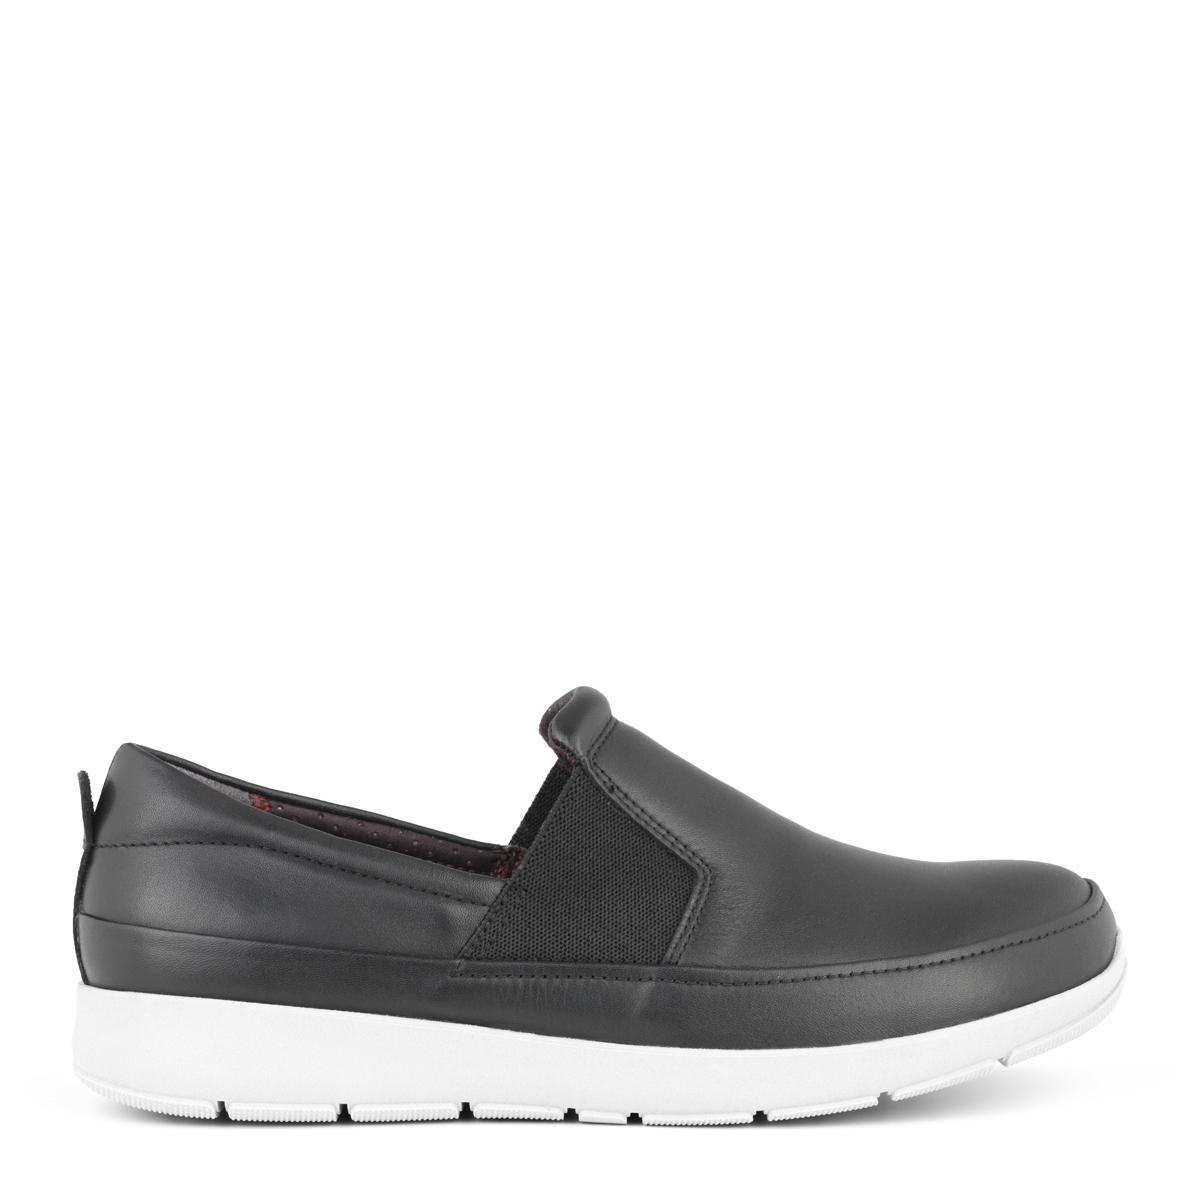 New Feet dame loafer i sort skind